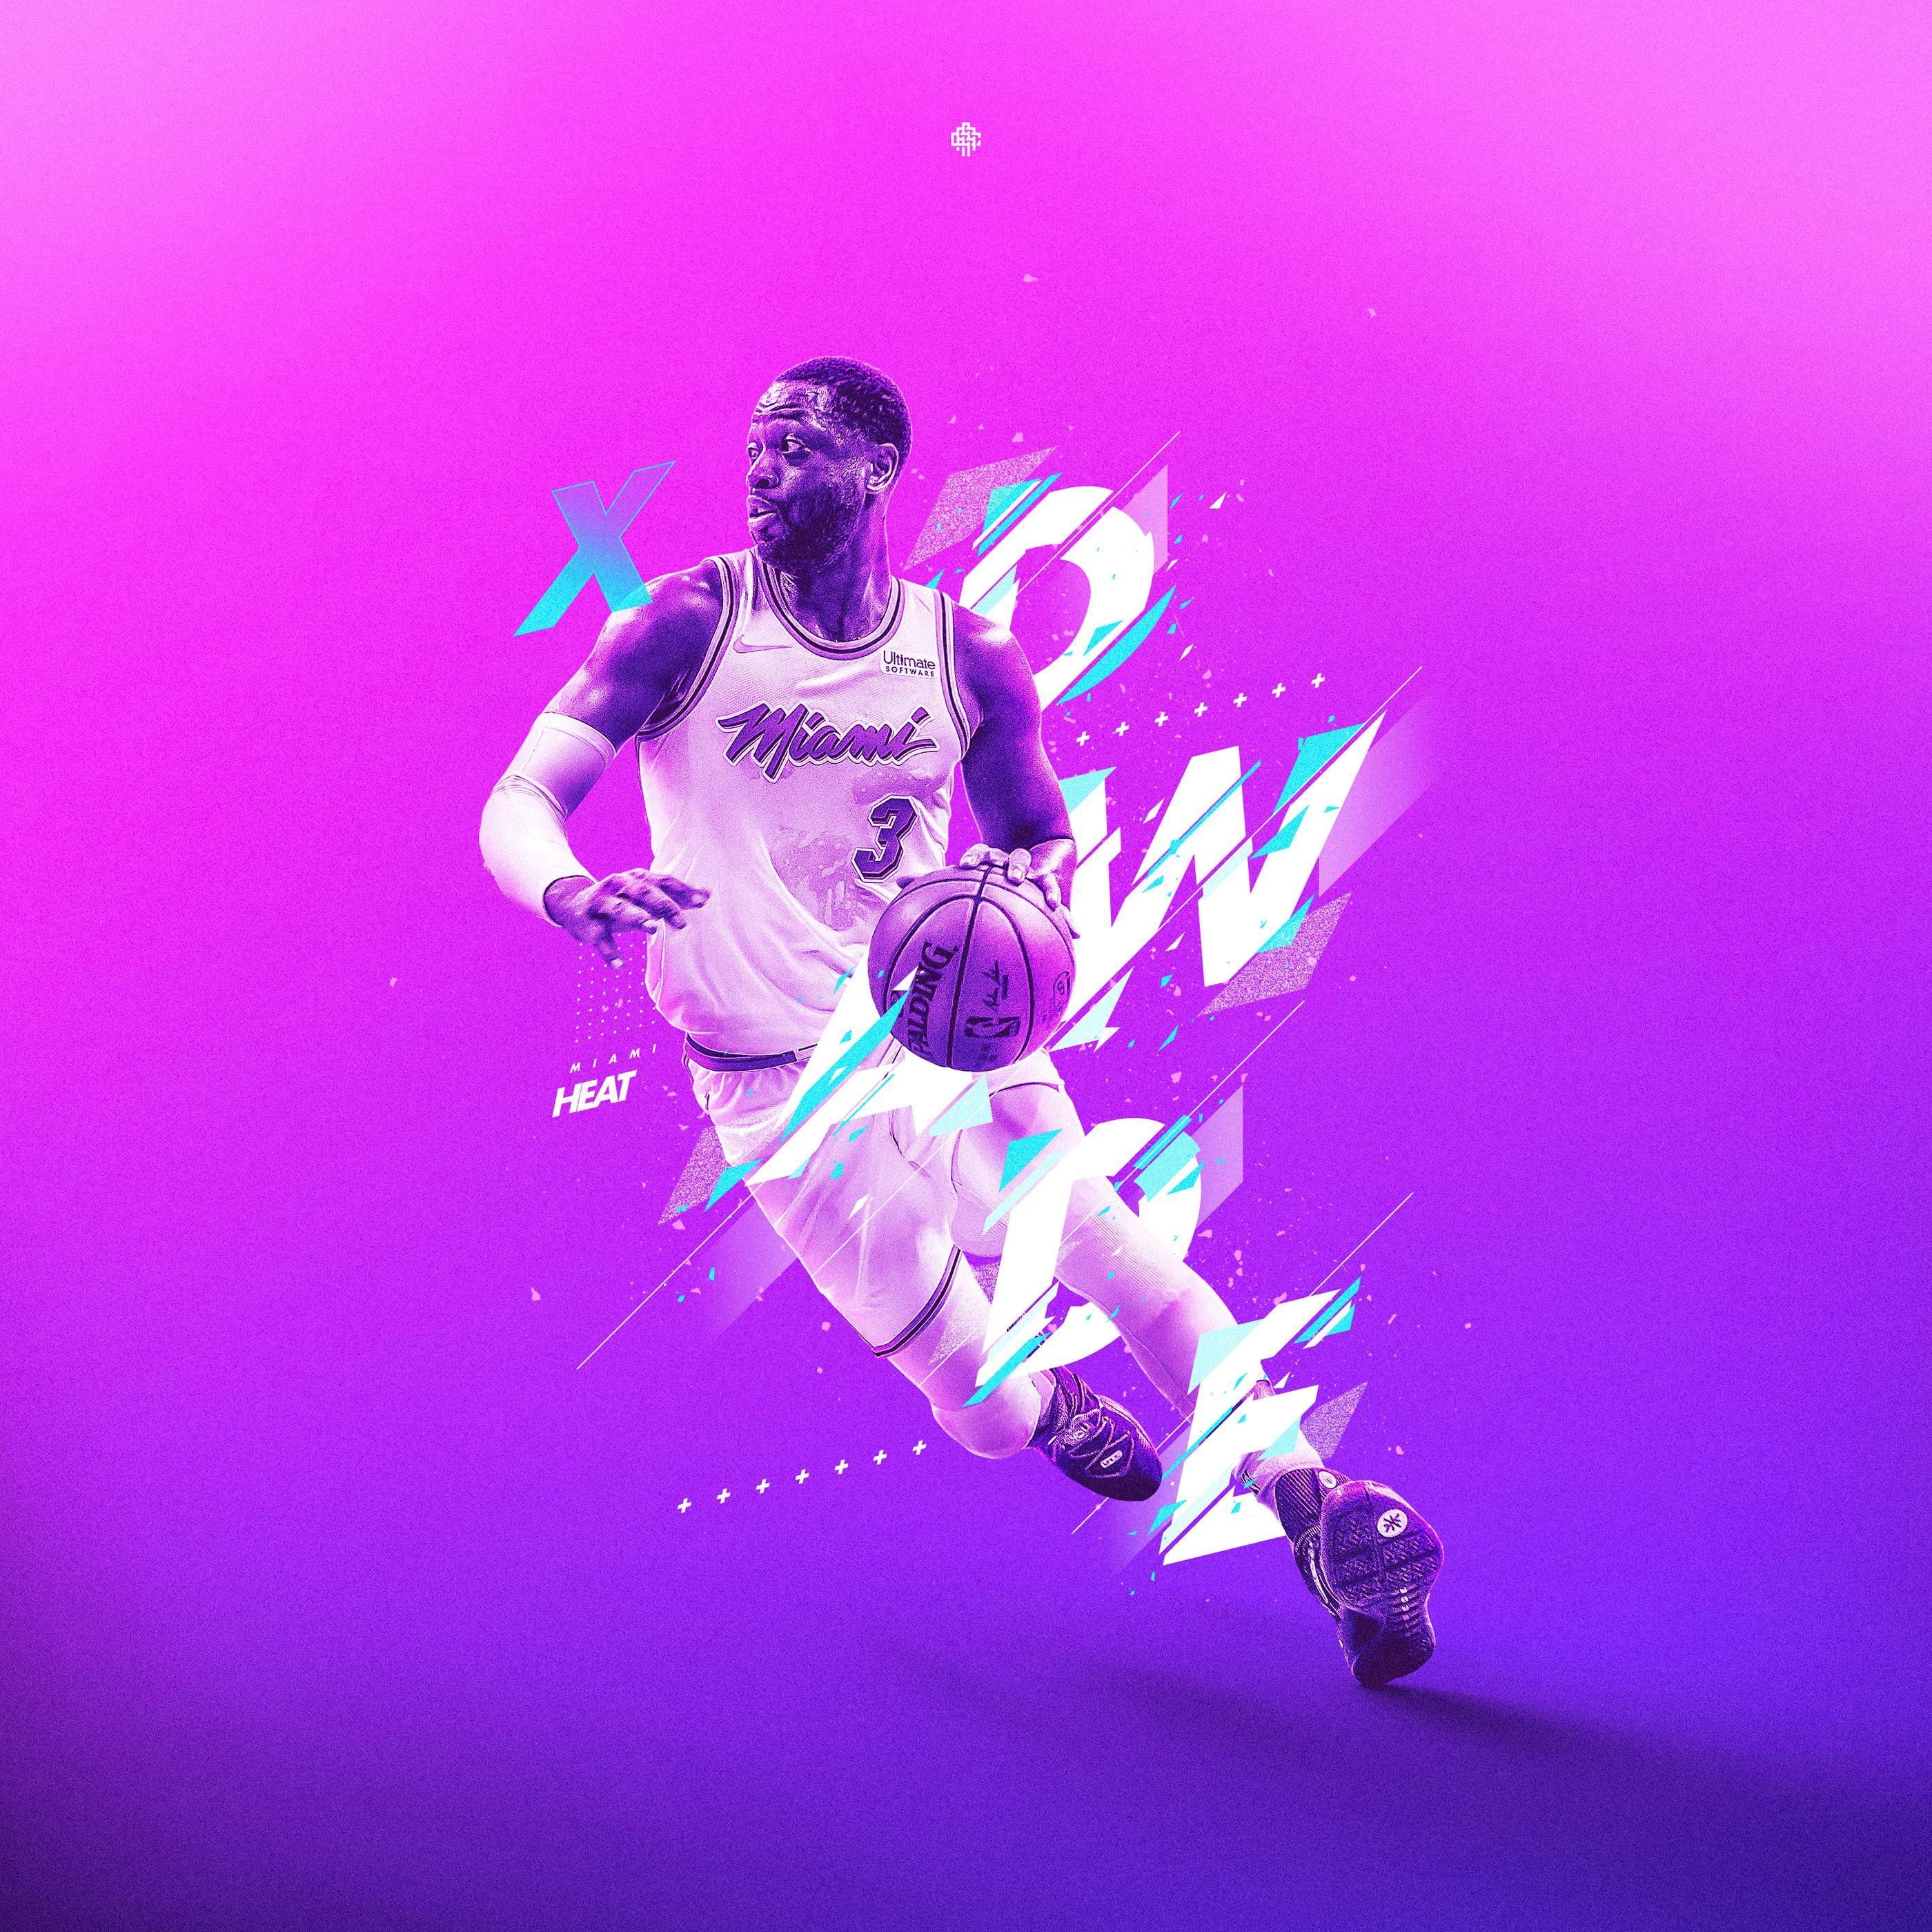 Dwyane Wade Retro On Behance Nba Wallpapers Dwyane Wade Sports Graphic Design